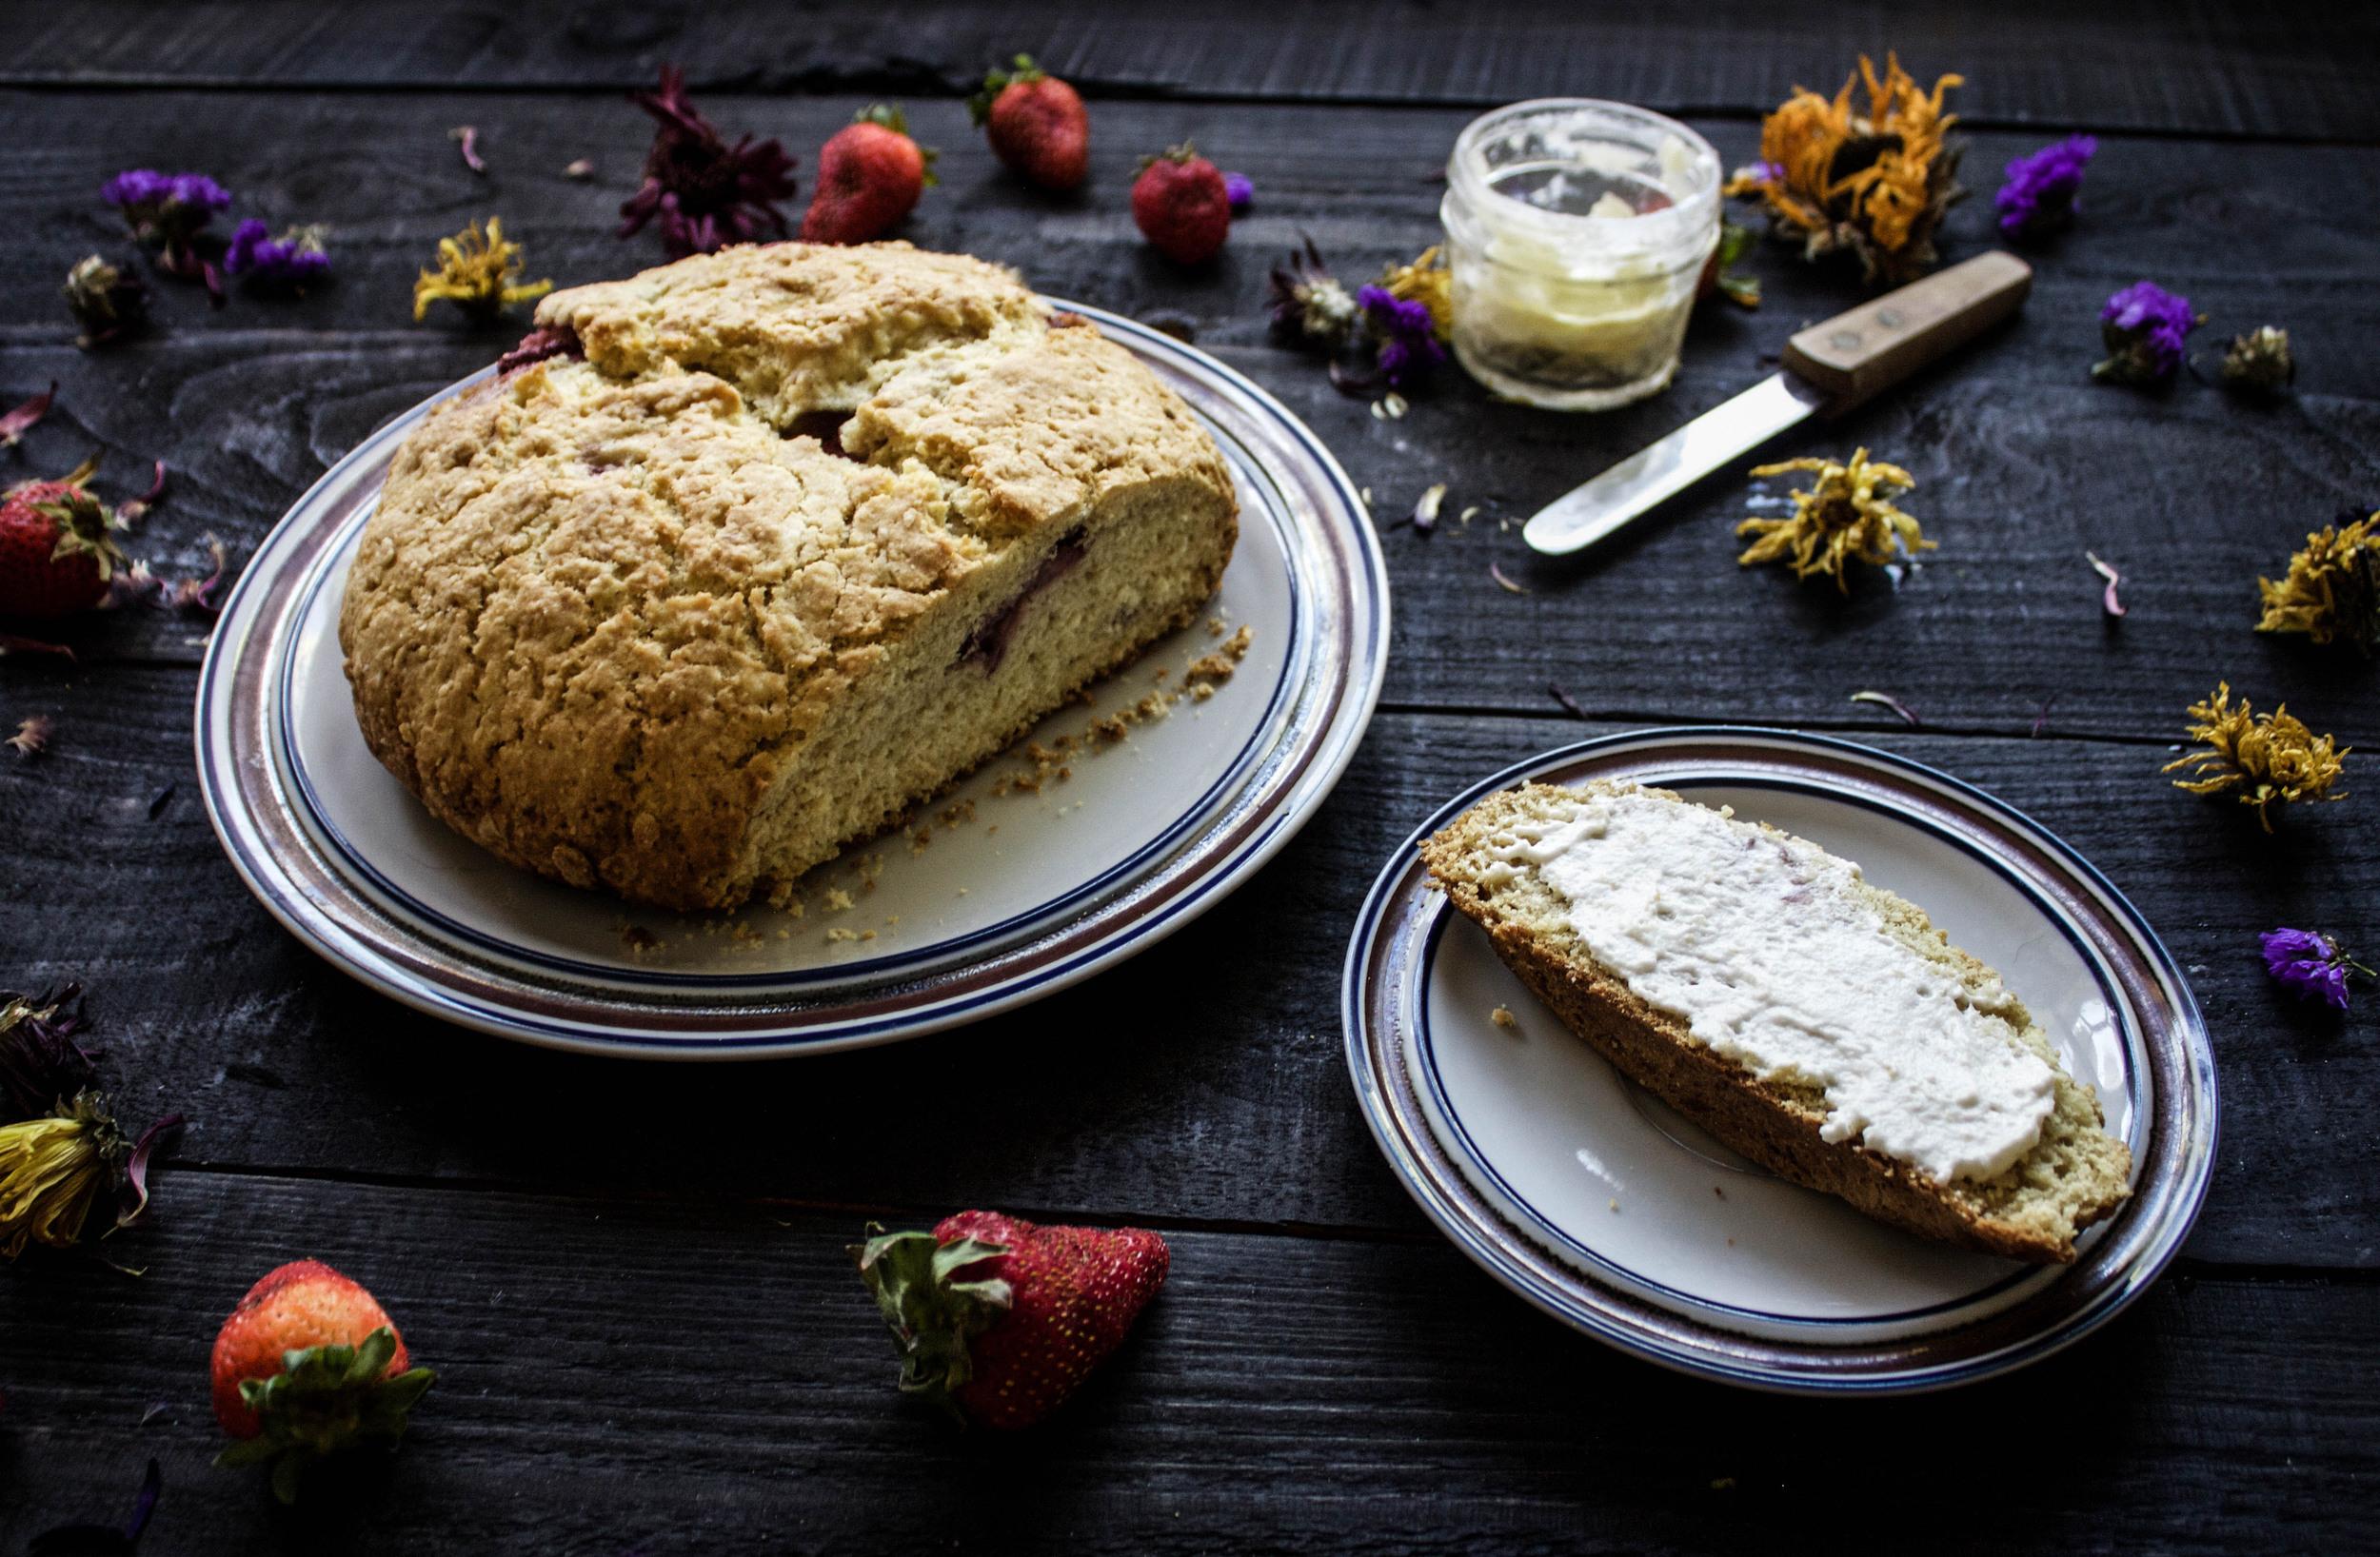 Strawberry Soda Bread